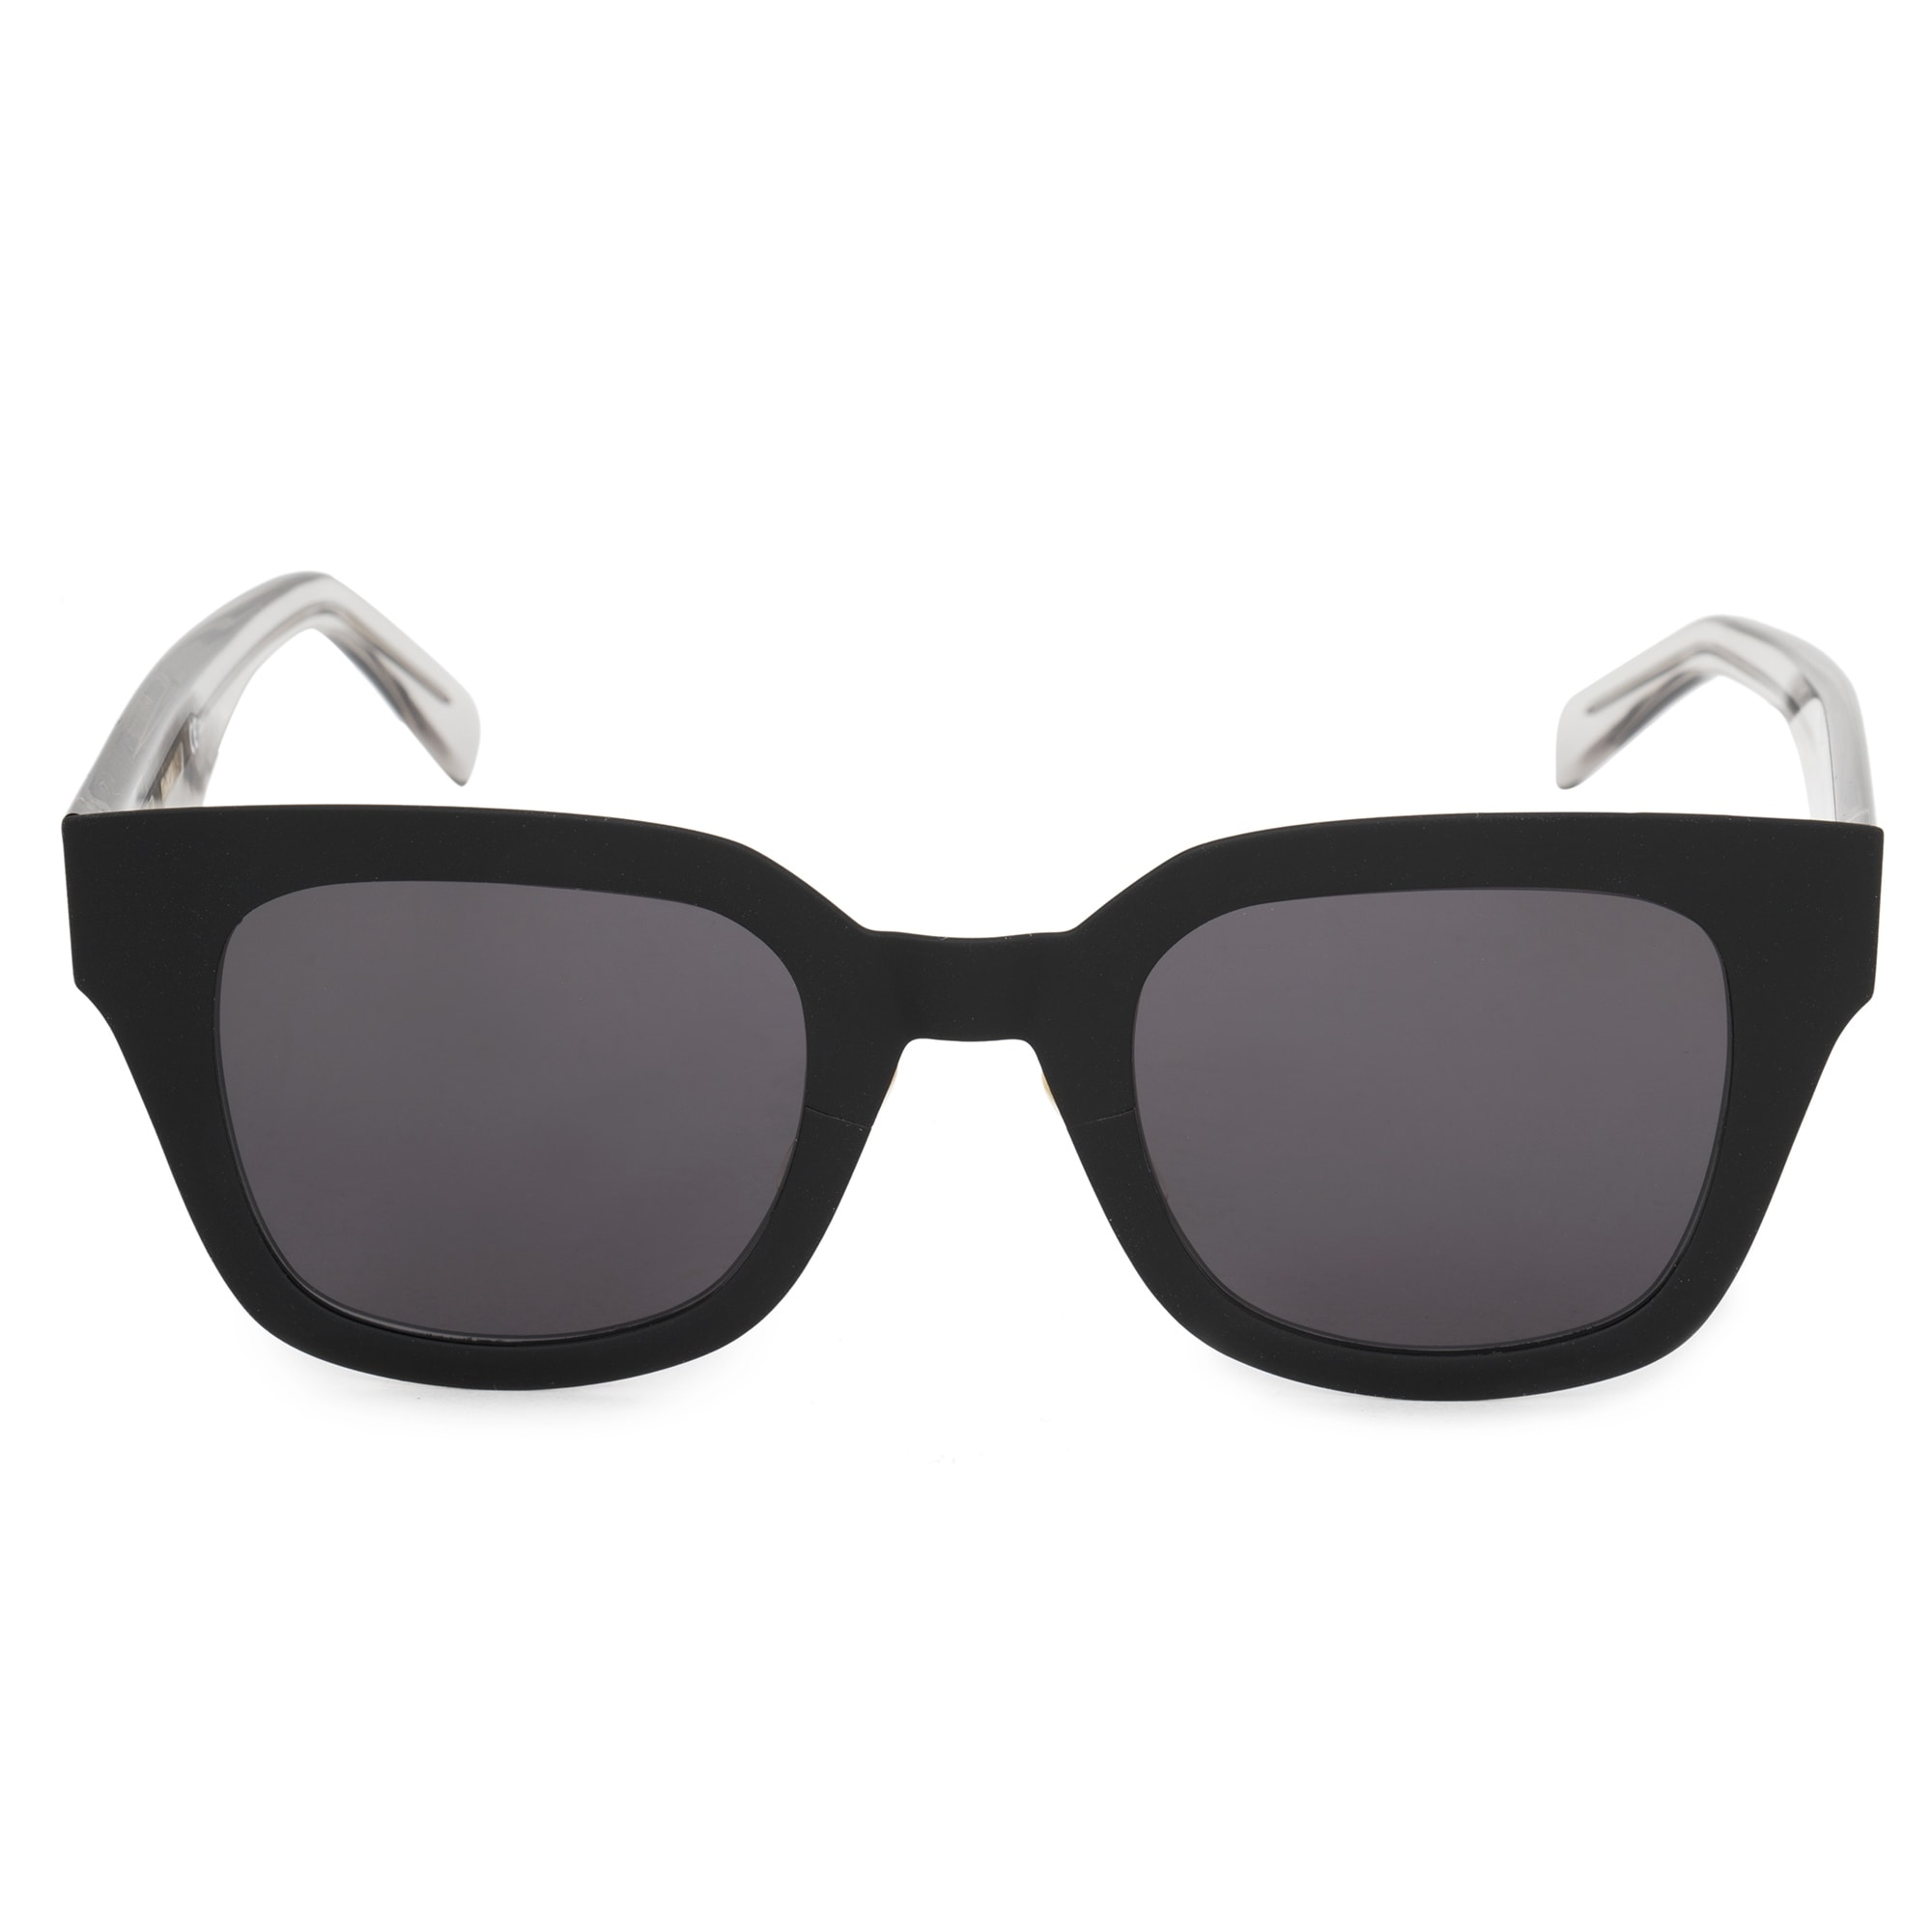 8b31ef6dcde Celine Women s Sunglasses